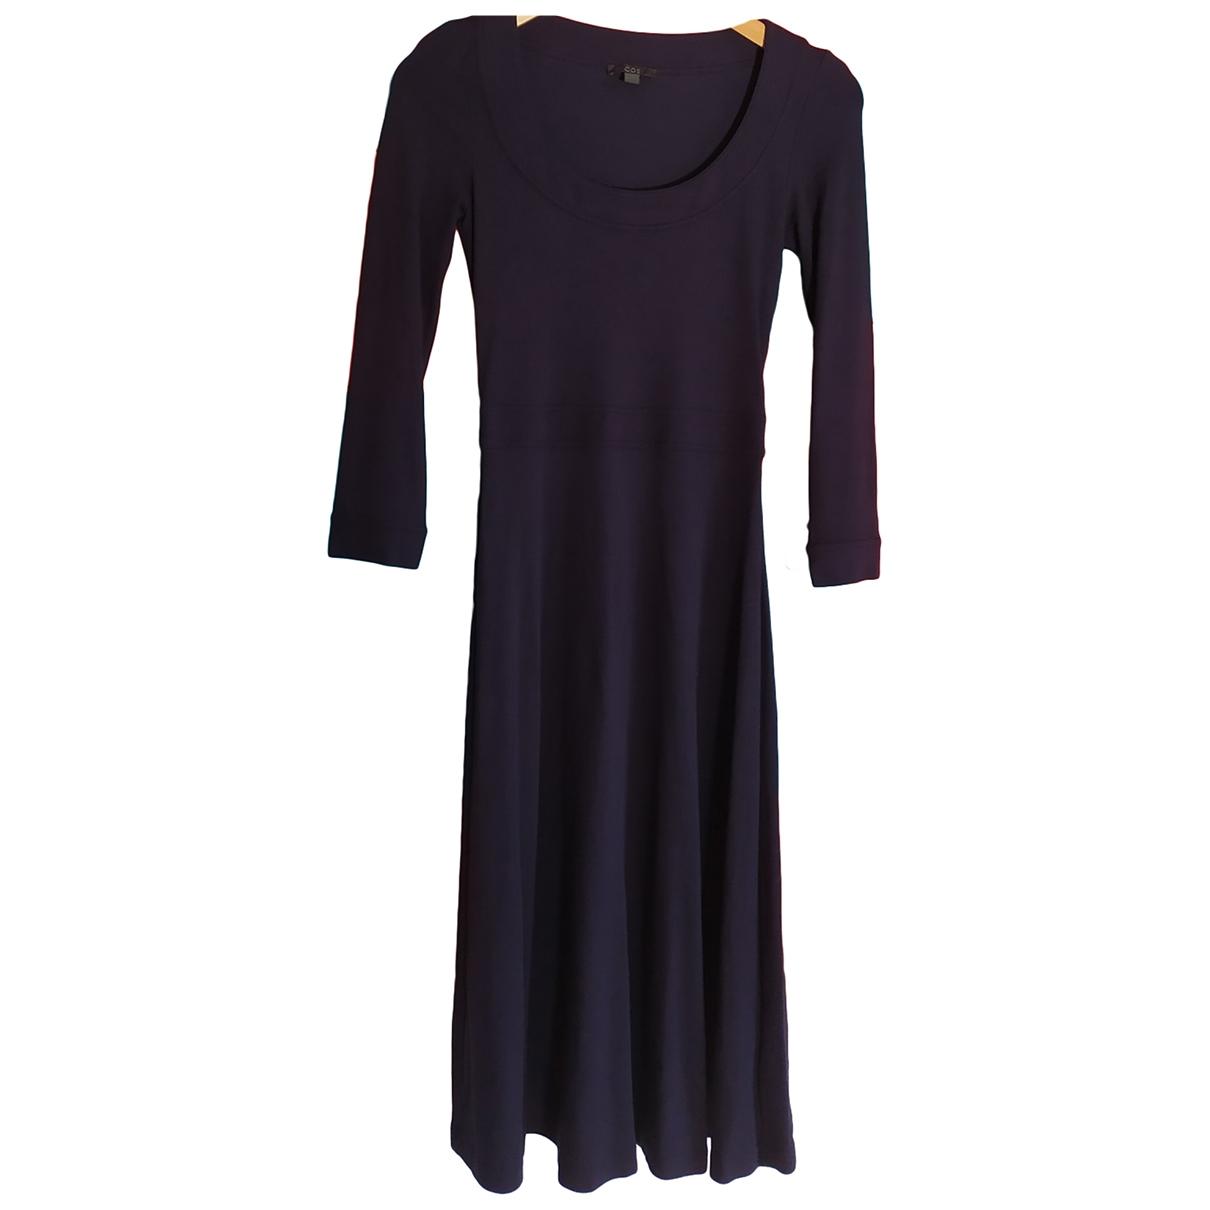 Cos \N Kleid in  Blau Viskose